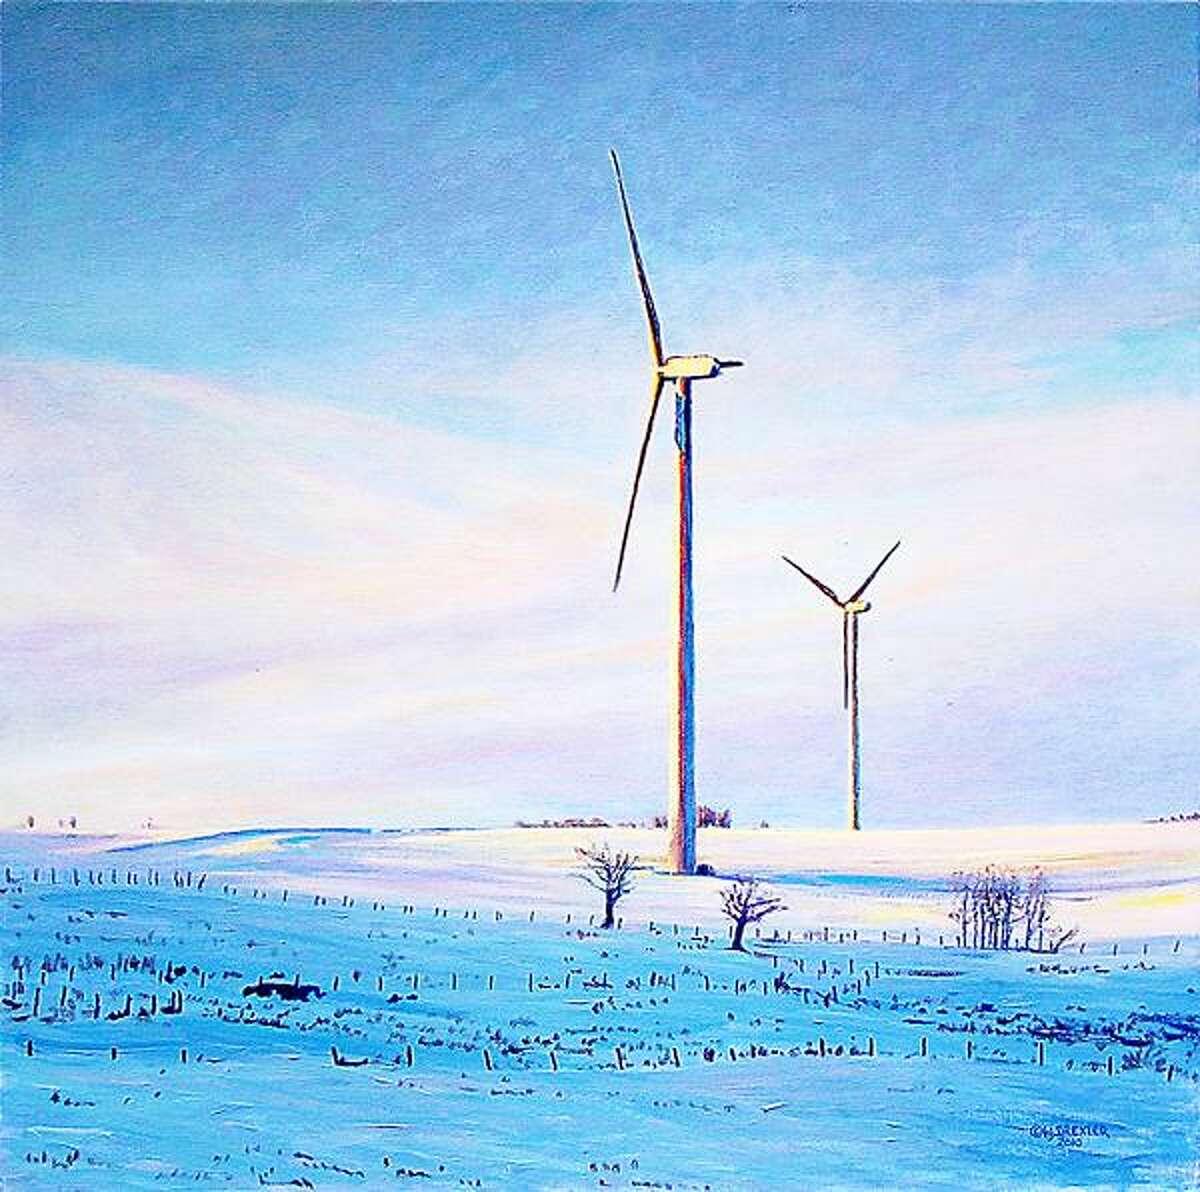 """Photo Courtesy EARLVILLE OPERA HOUSE Henry J. Drexler's """"Windmills Along Trew Road,"""" Stockbridge, NY; acrylic o.c., 30"""" x 30"""", 2010"""